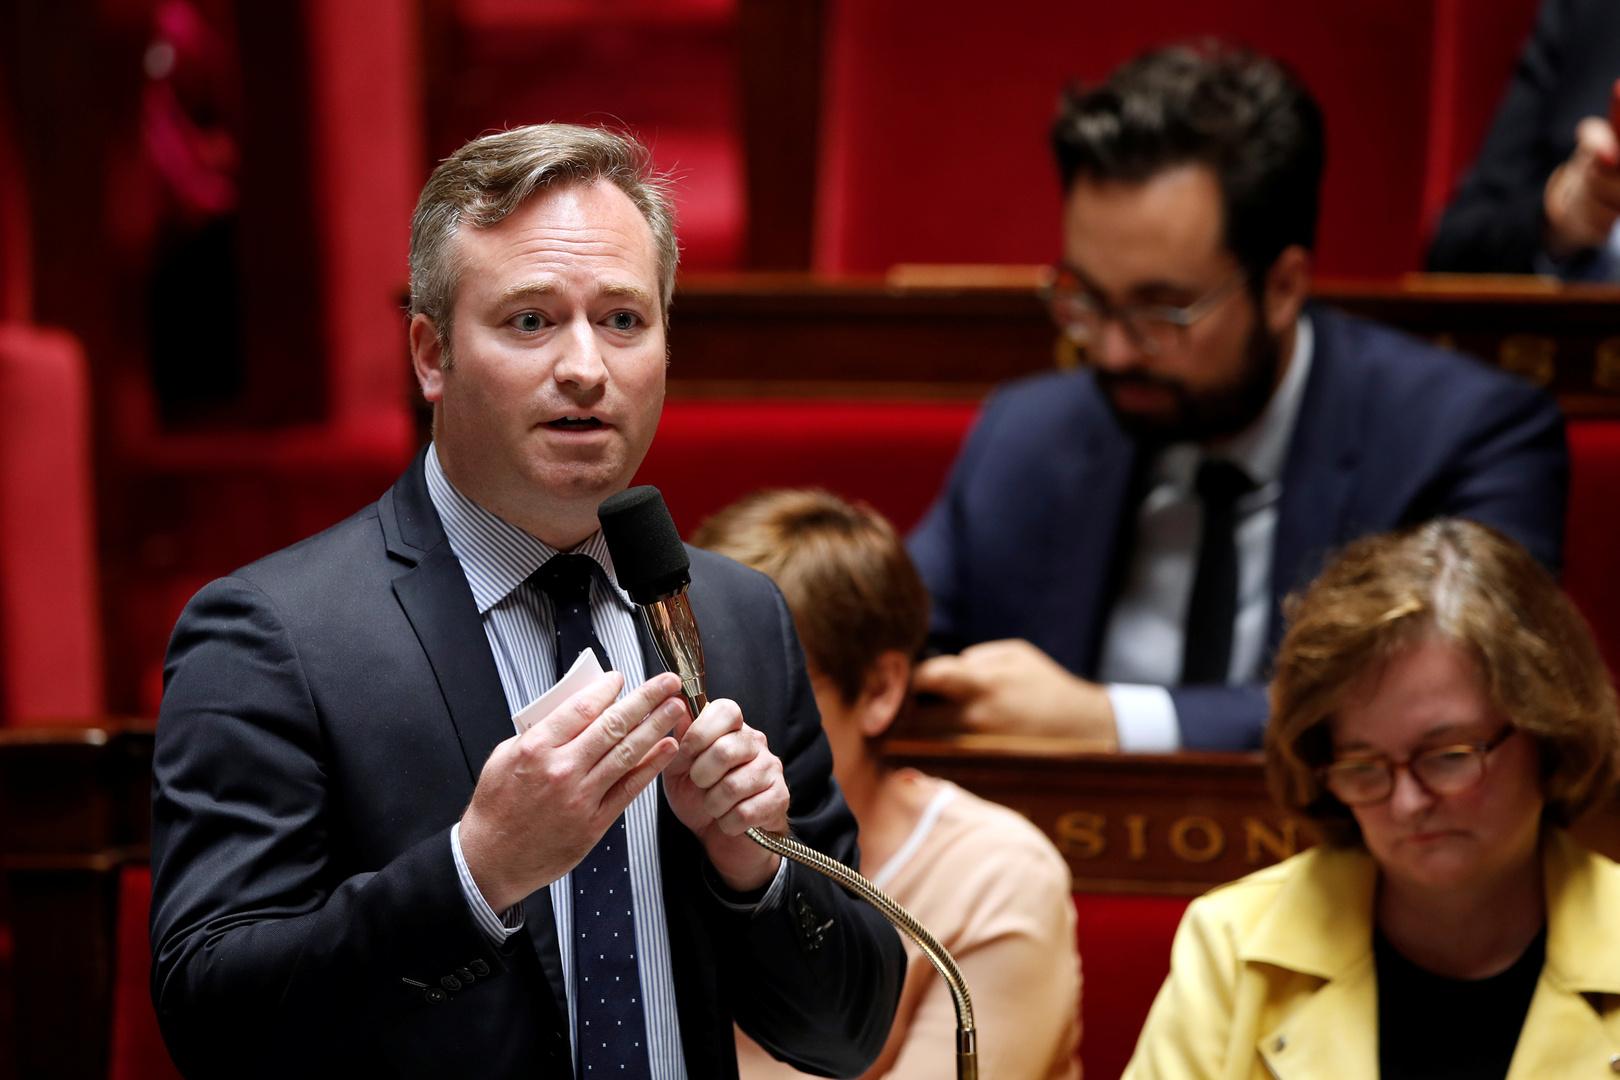 قرار للشيوخ الفرنسي بالاعتراف باستقلال جمهورية قره باغ وسط اعتراضات